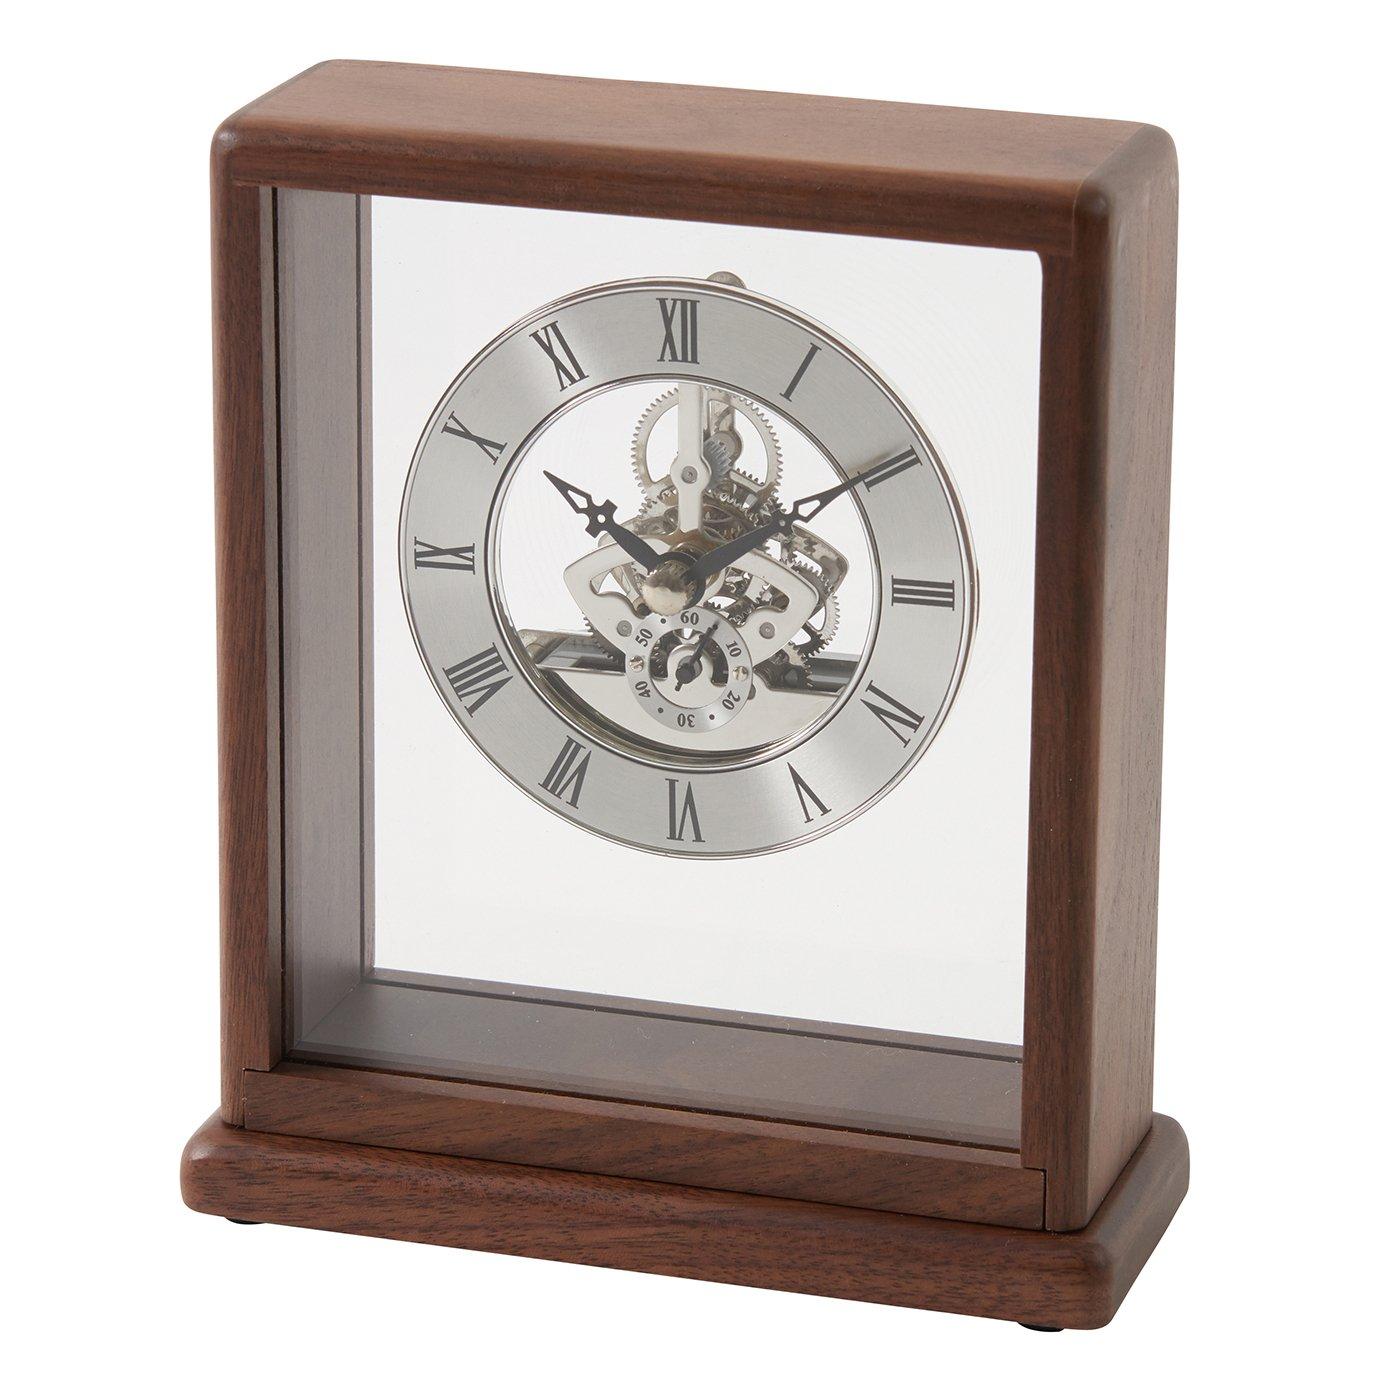 茶谷産業 Desktop Collection 銀の時計 853-S100 B07517PSYG